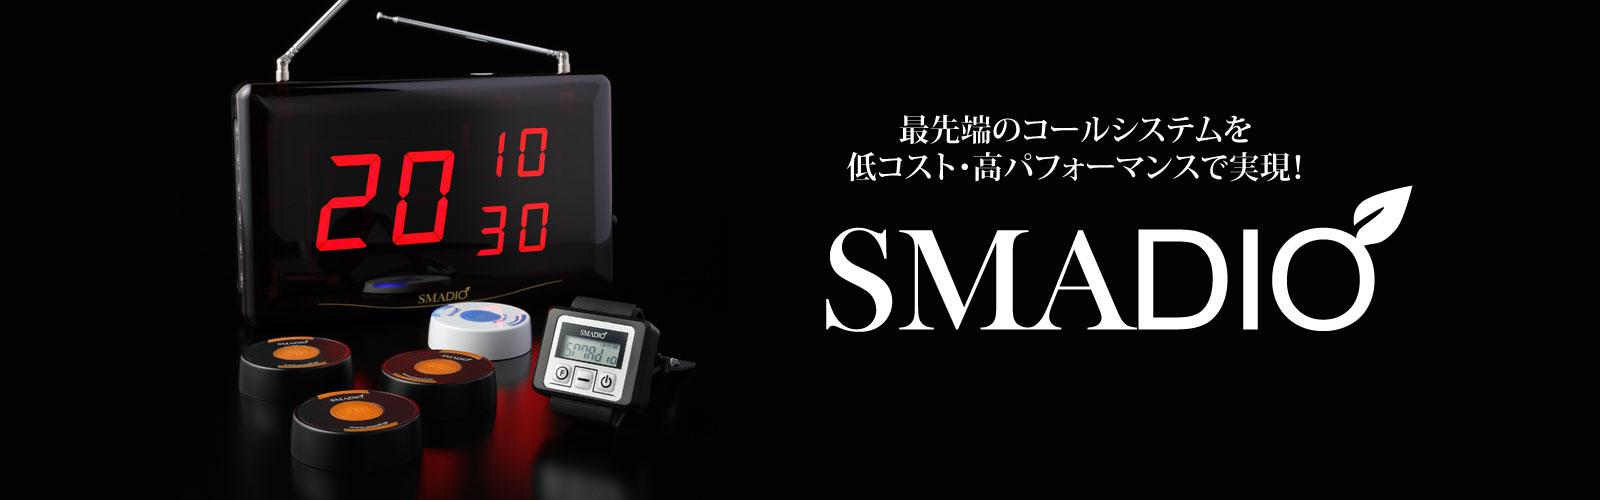 業界初!!腕時計型レシーバー機能 機能性に優れ設置場所を問わないコンパクトモデル 飲食店・病院・工場等で大活躍 販売台数NO1 SMADIO